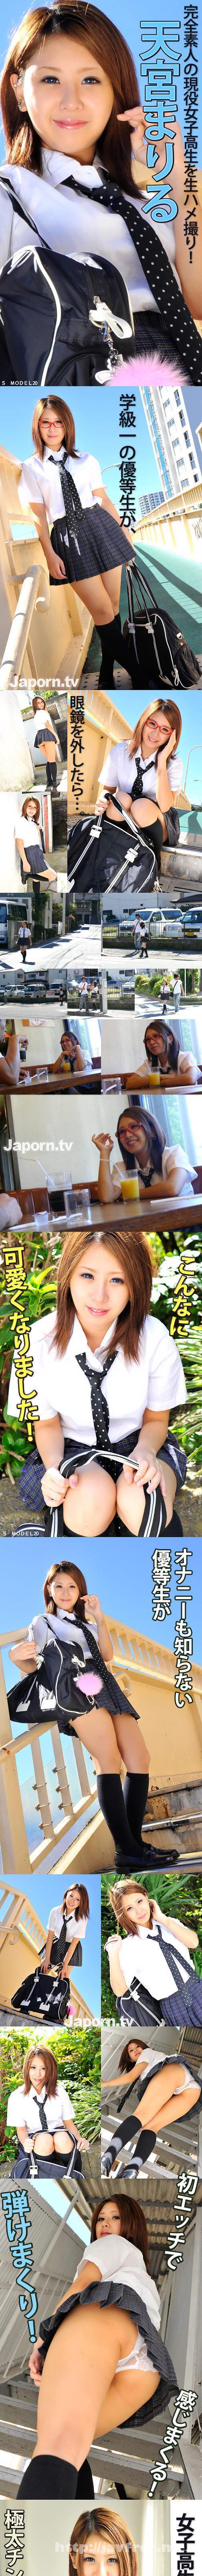 [SMD 20] S Model 20 : 天宮まりる 天宮まりる SMD Mariru Amamiya